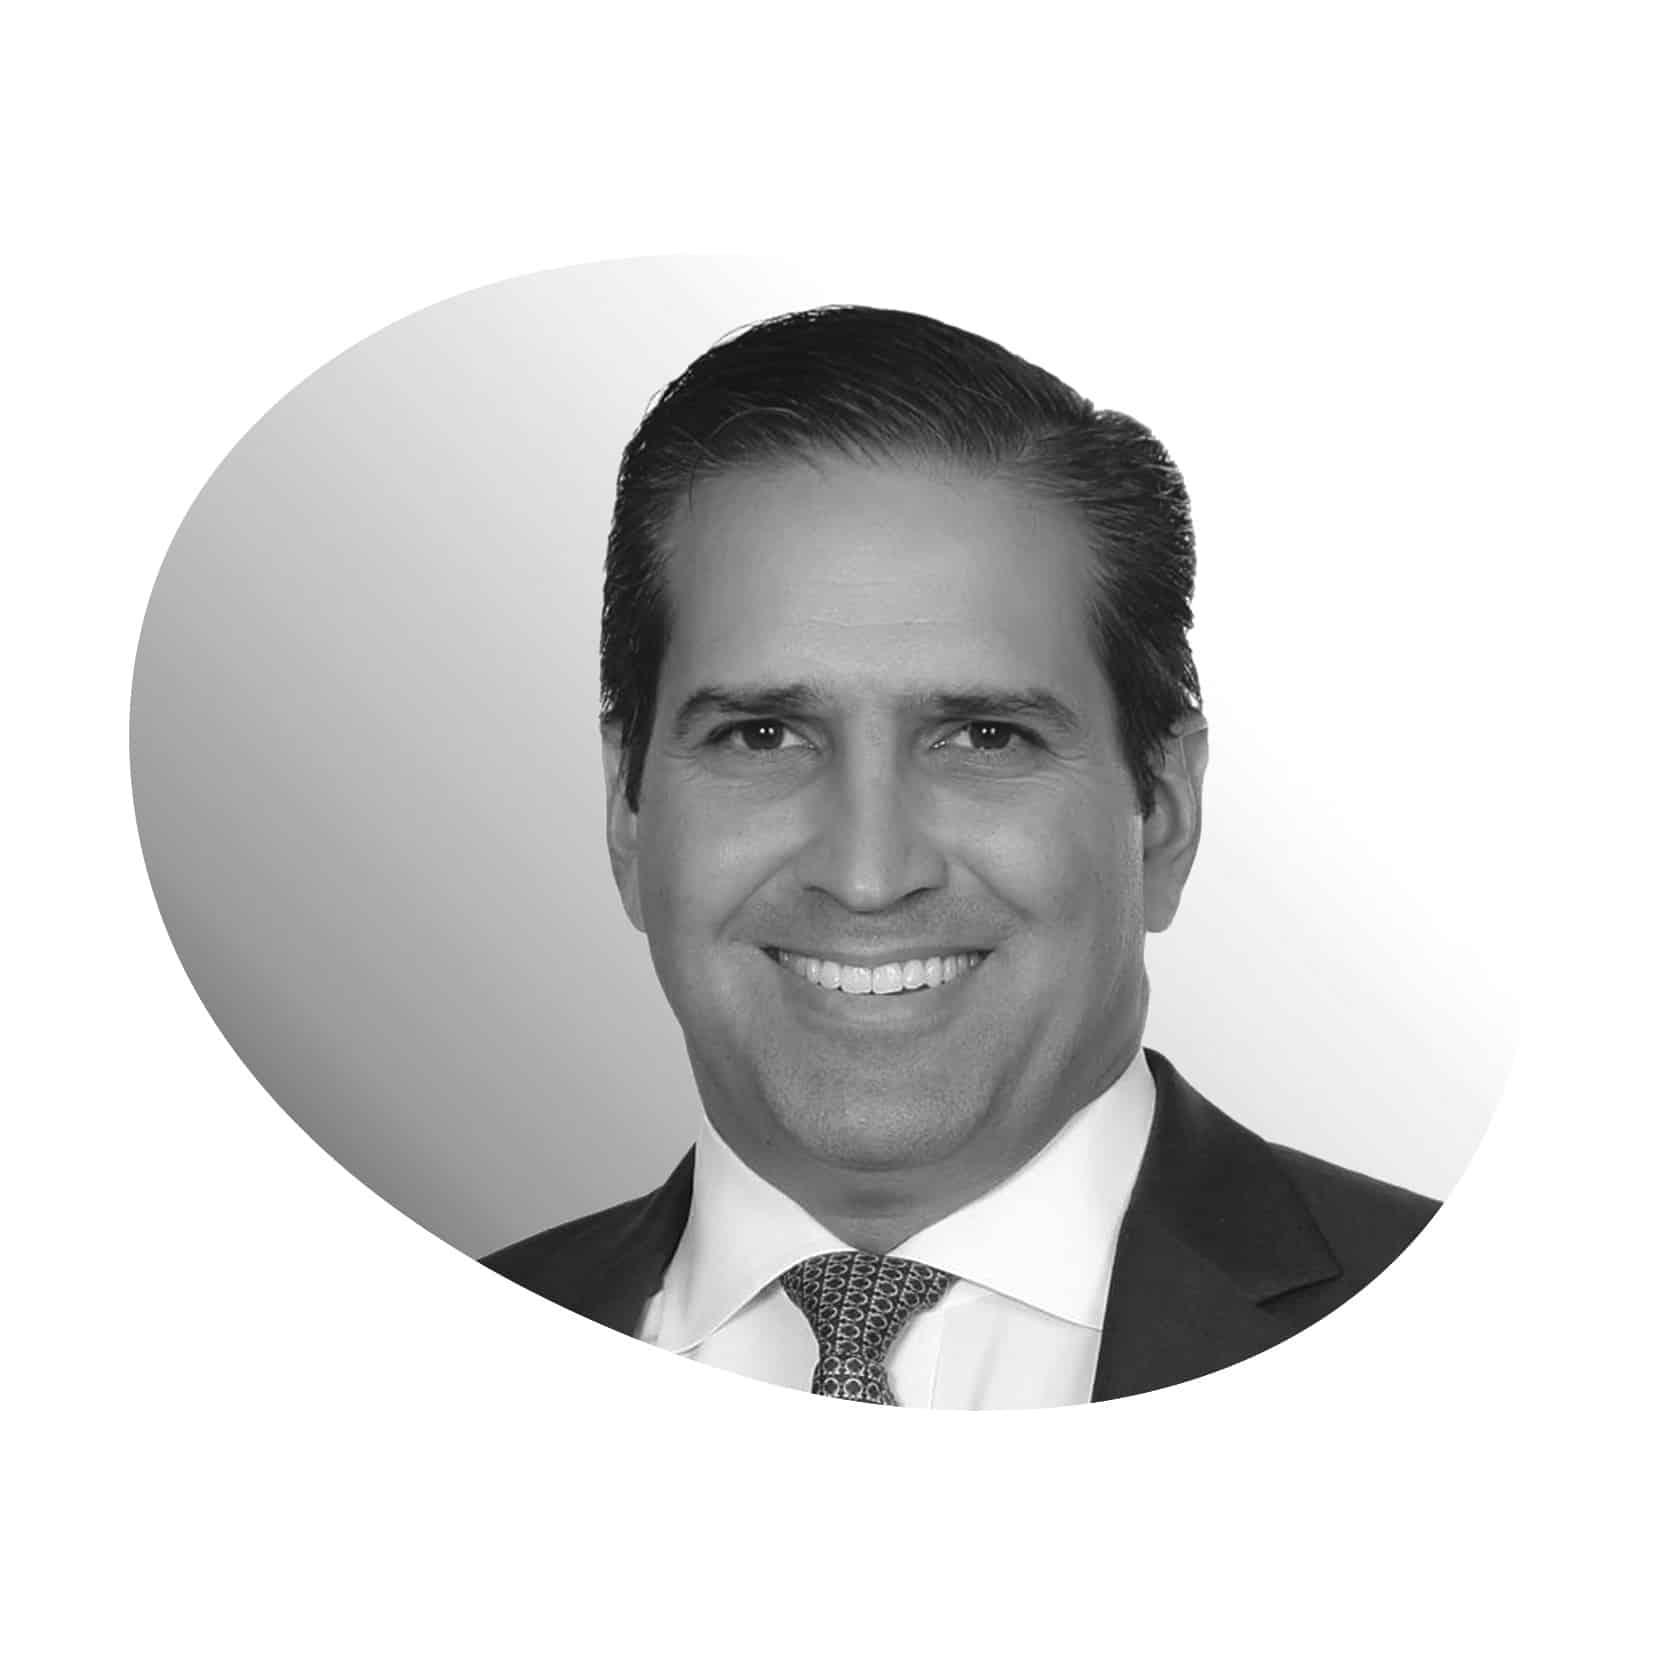 Mr Yazan Haddadin